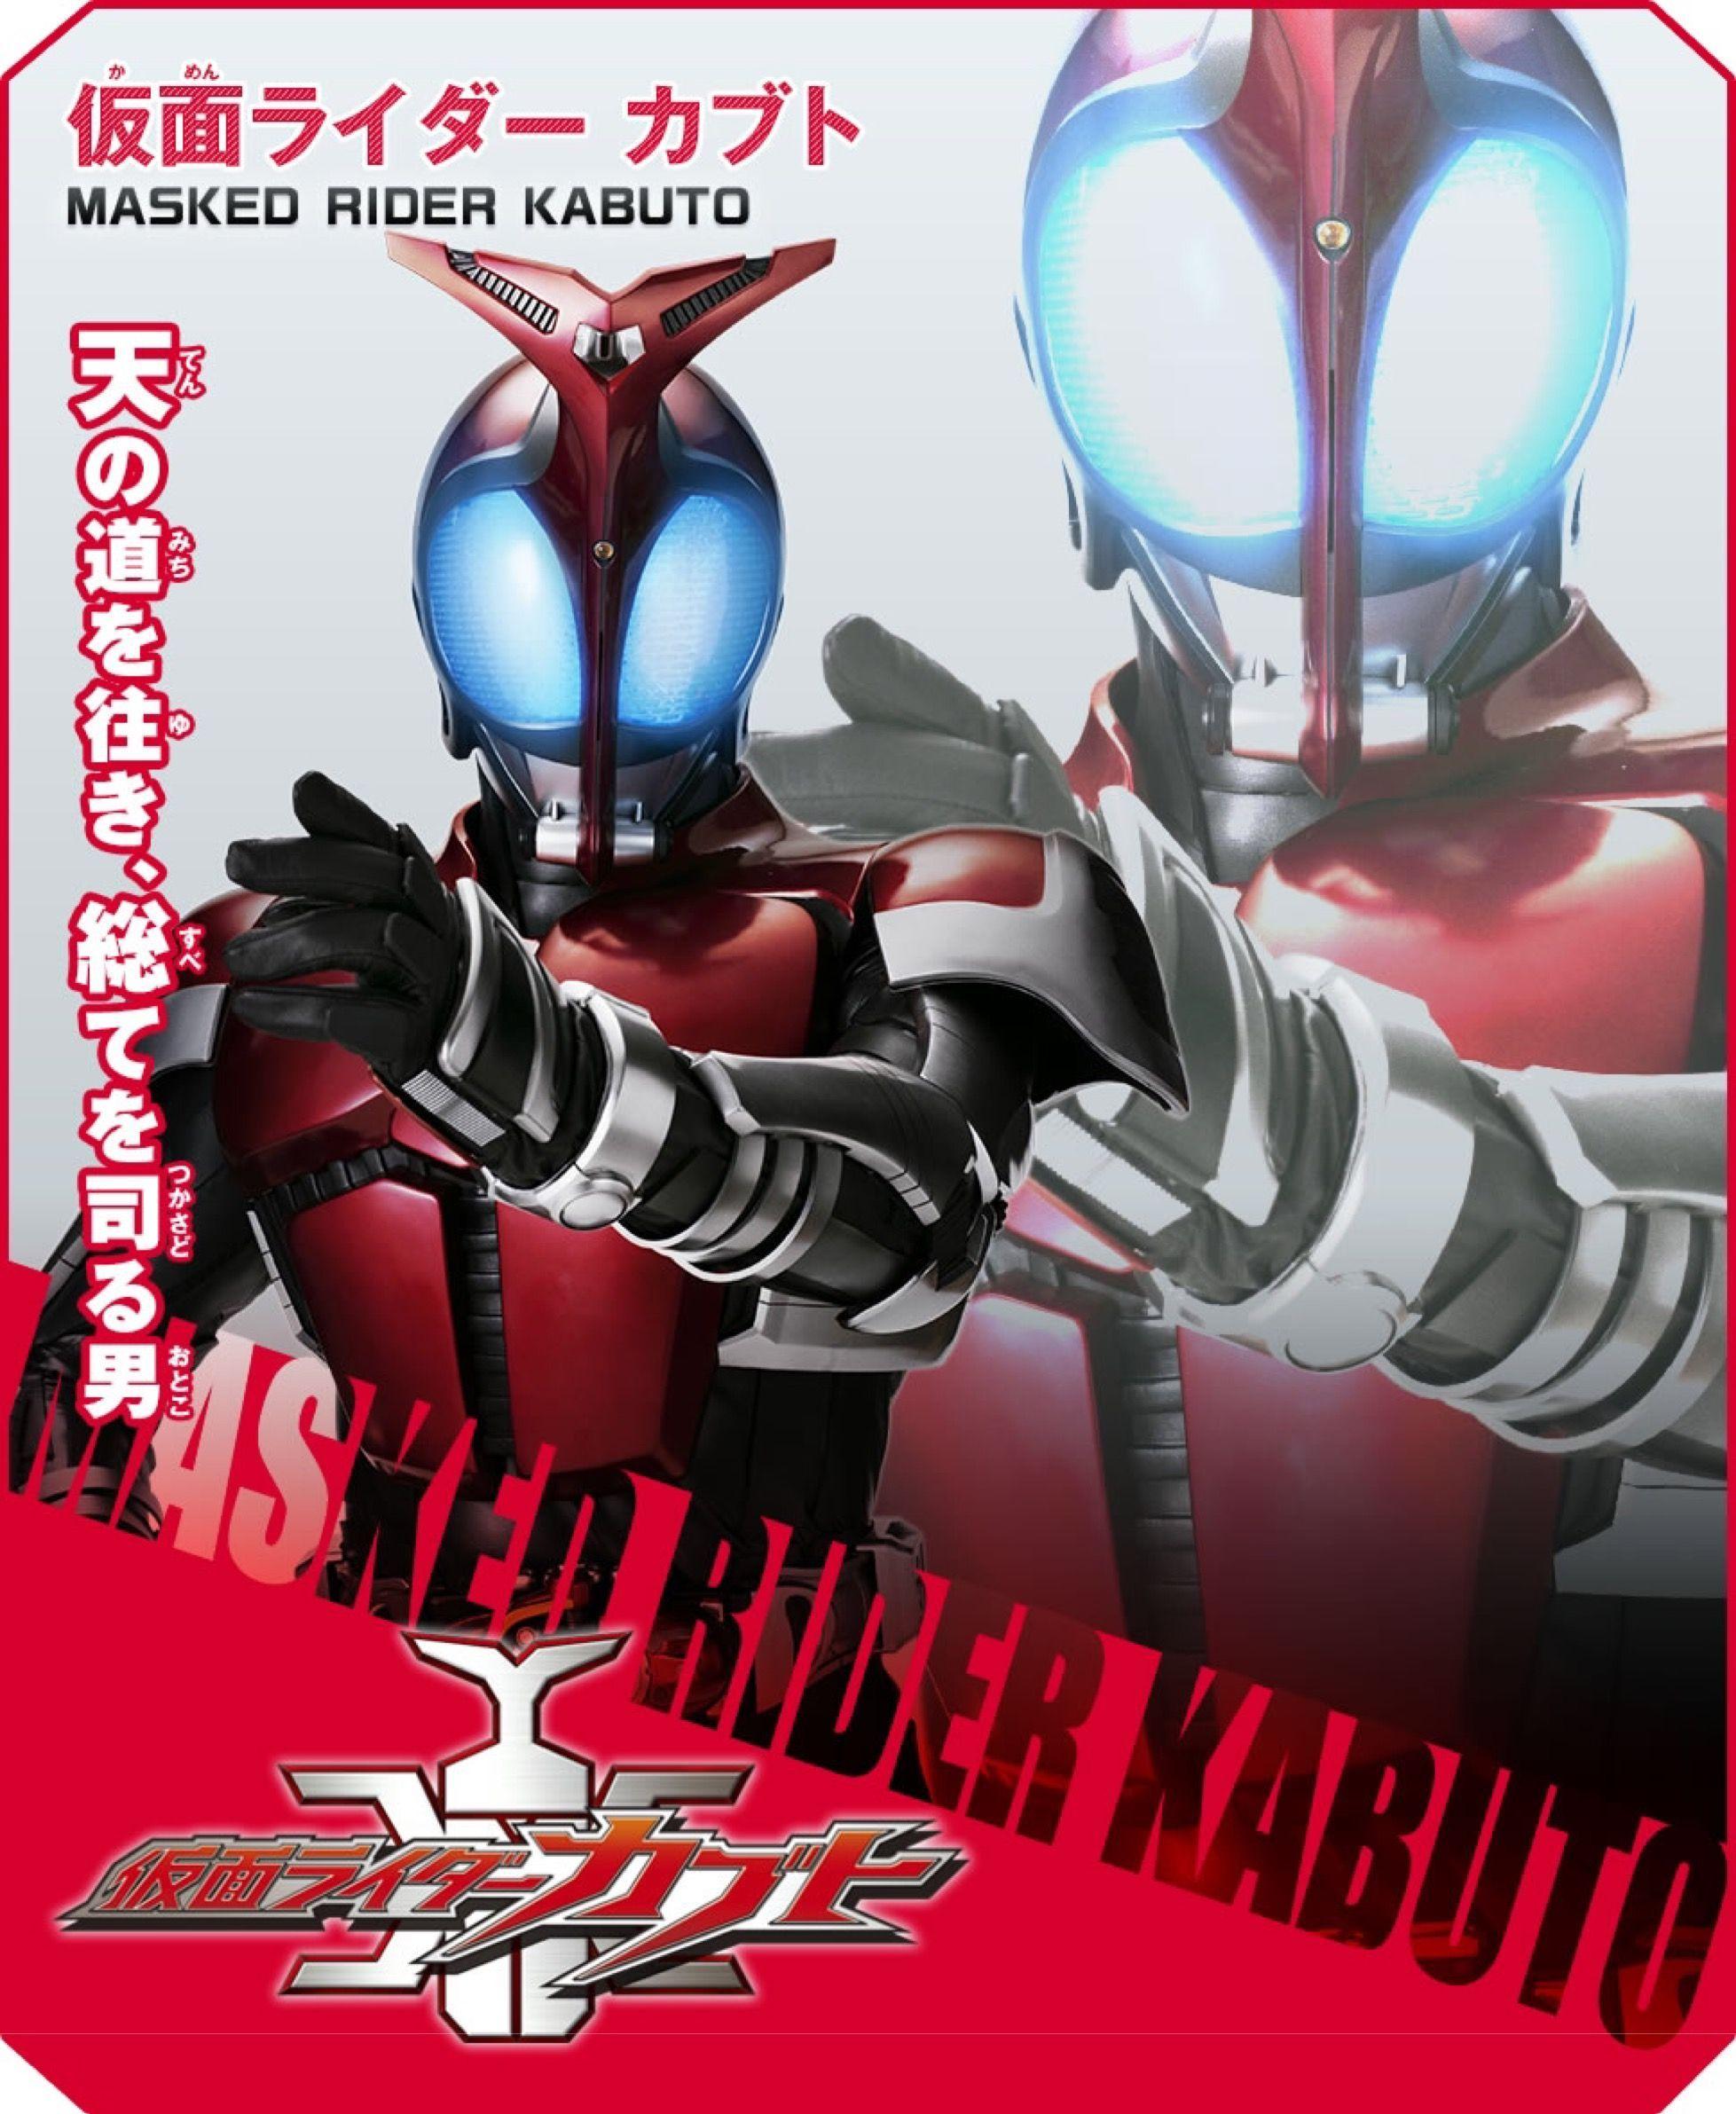 Masked Rider Kabuto (Rider Form) 仮面ライダー, 仮面ライダーカブト, スーパーヒーロー